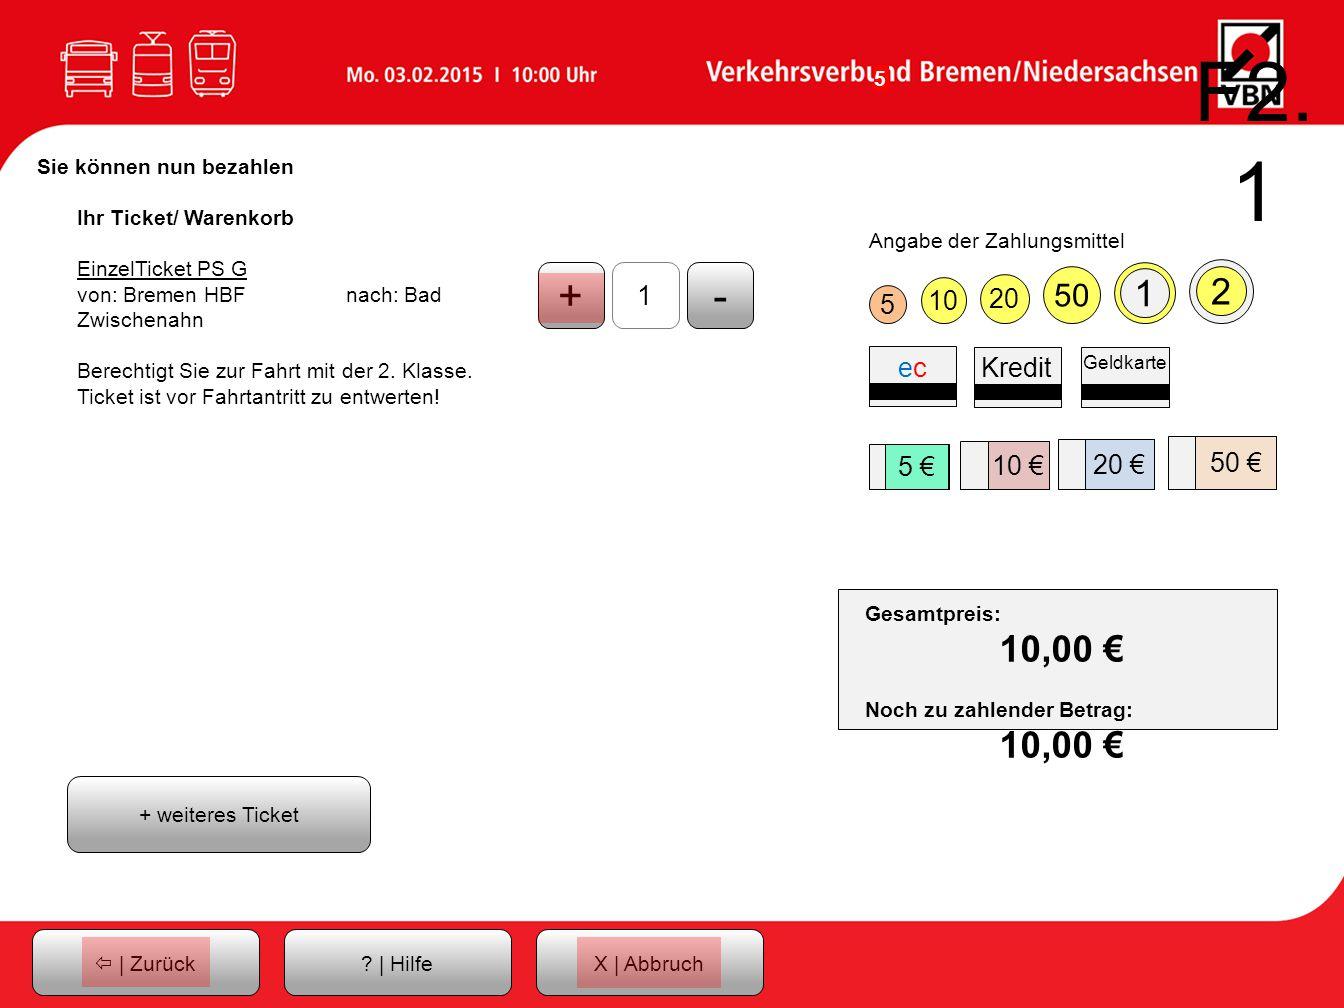 F2.1 Sie können nun bezahlen. Ihr Ticket/ Warenkorb. EinzelTicket PS G. von: Bremen HBF nach: Bad Zwischenahn.